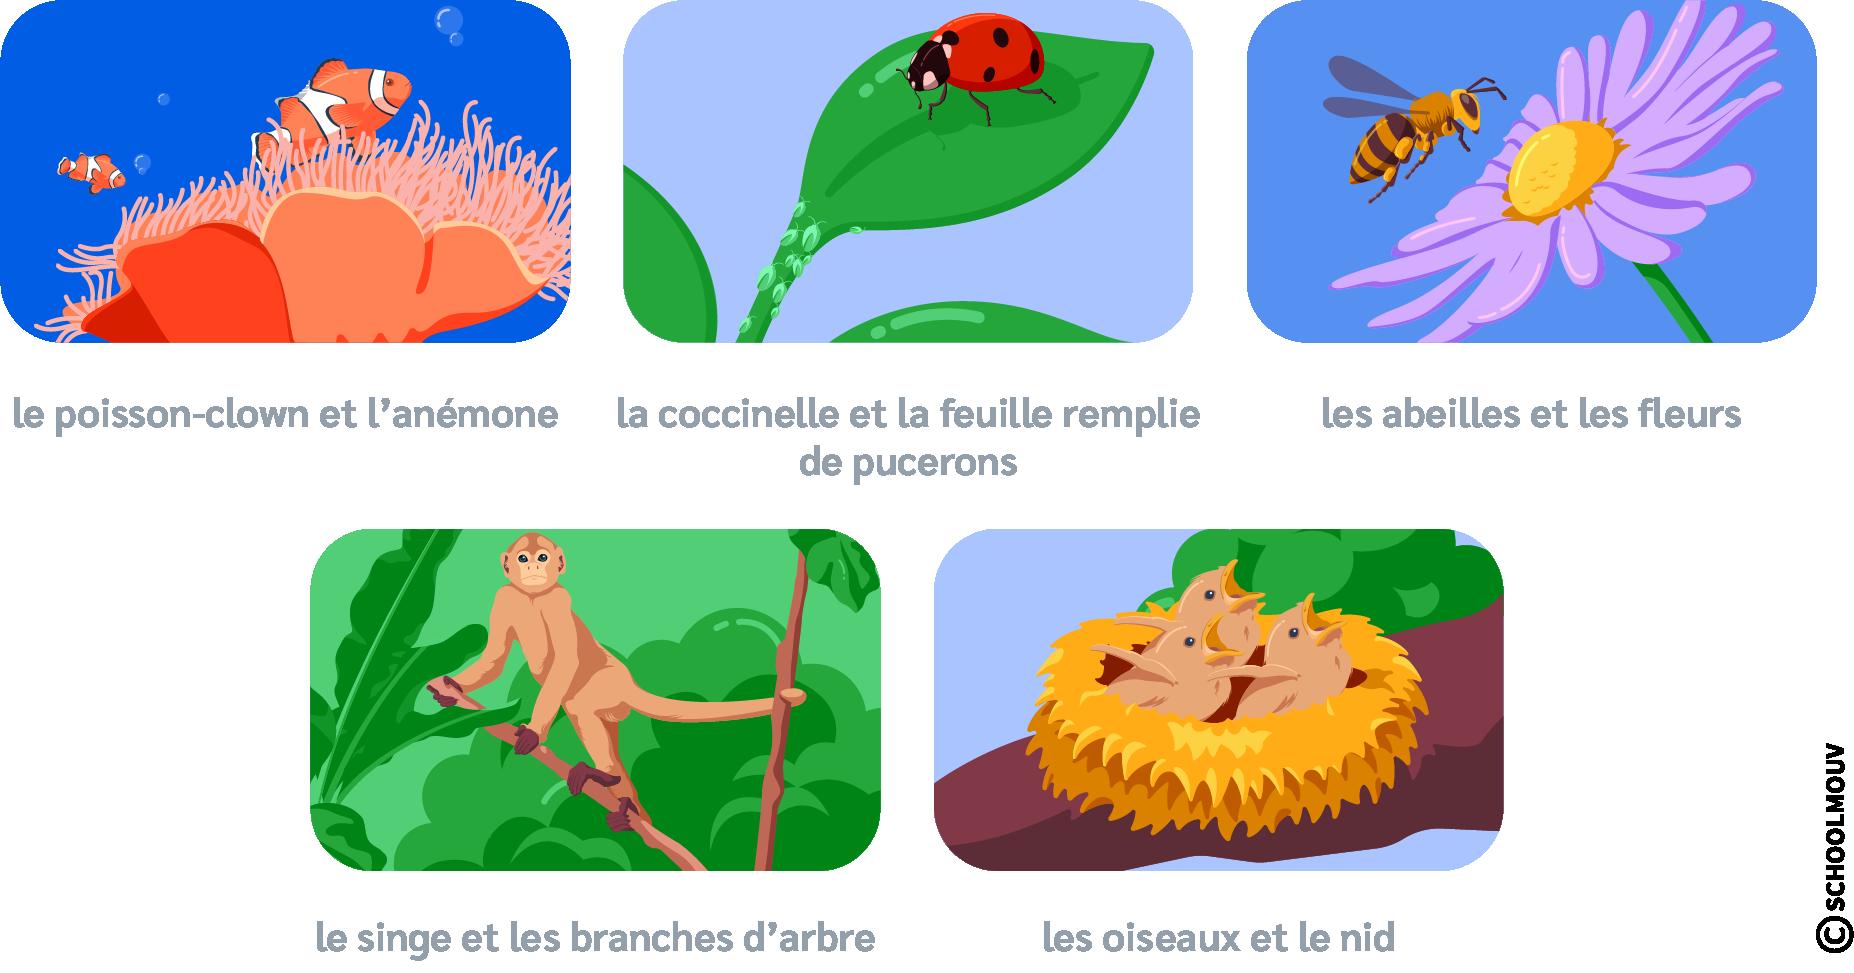 Poisson - Clown - Anémone - Coccinelle - Pucerons - Abeilles - Fleurs - Singe - Branches - Oiseaux - Nid - SchoolMouv - Sciences - CP